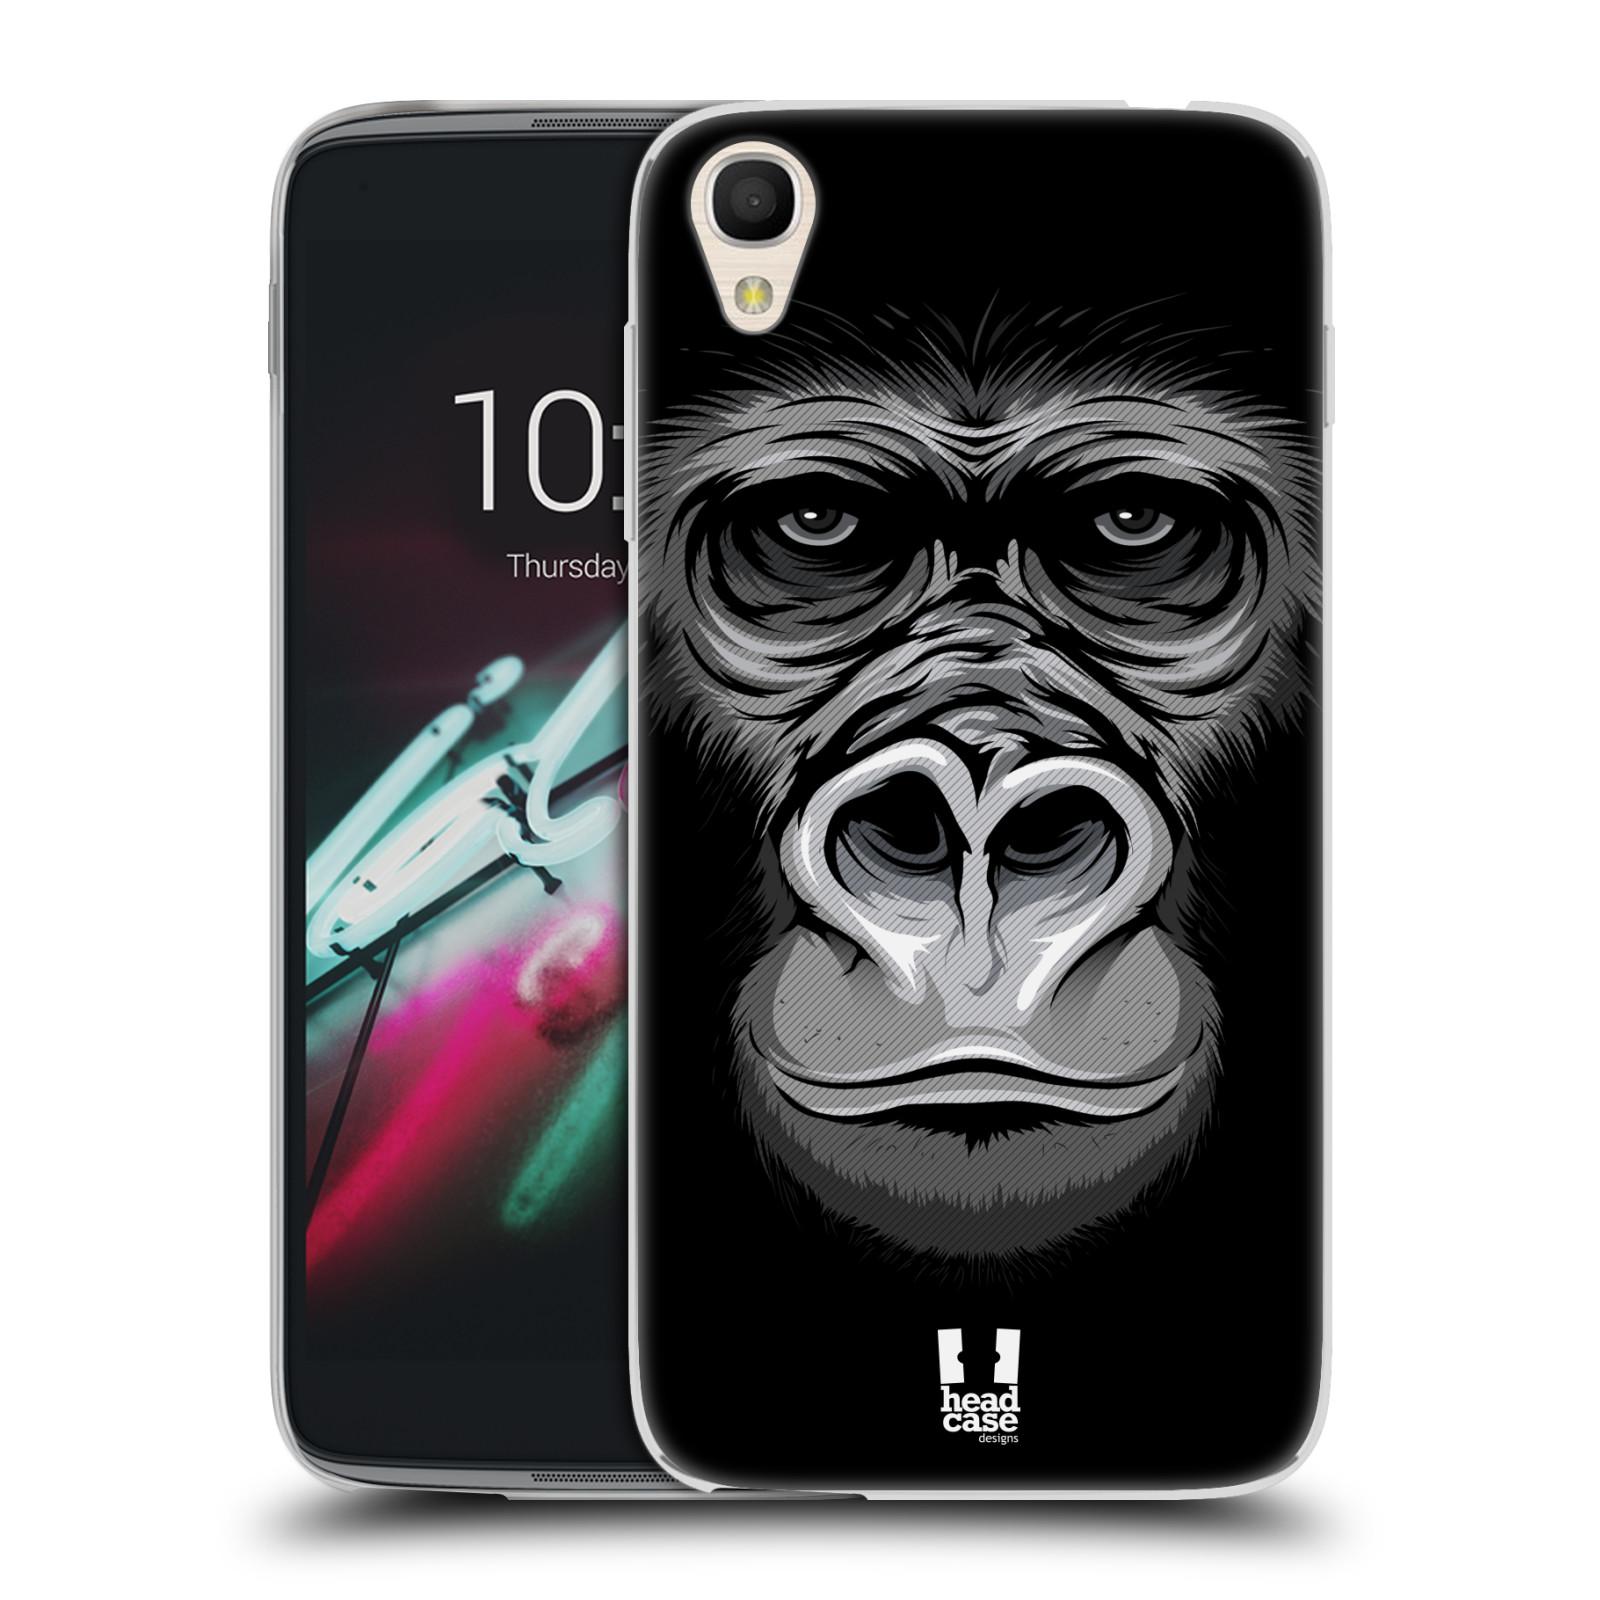 HEAD CASE silikonový obal na mobil Alcatel Idol 3 OT-6039Y (4.7) vzor Zvíře kreslená tvář 2 gorila